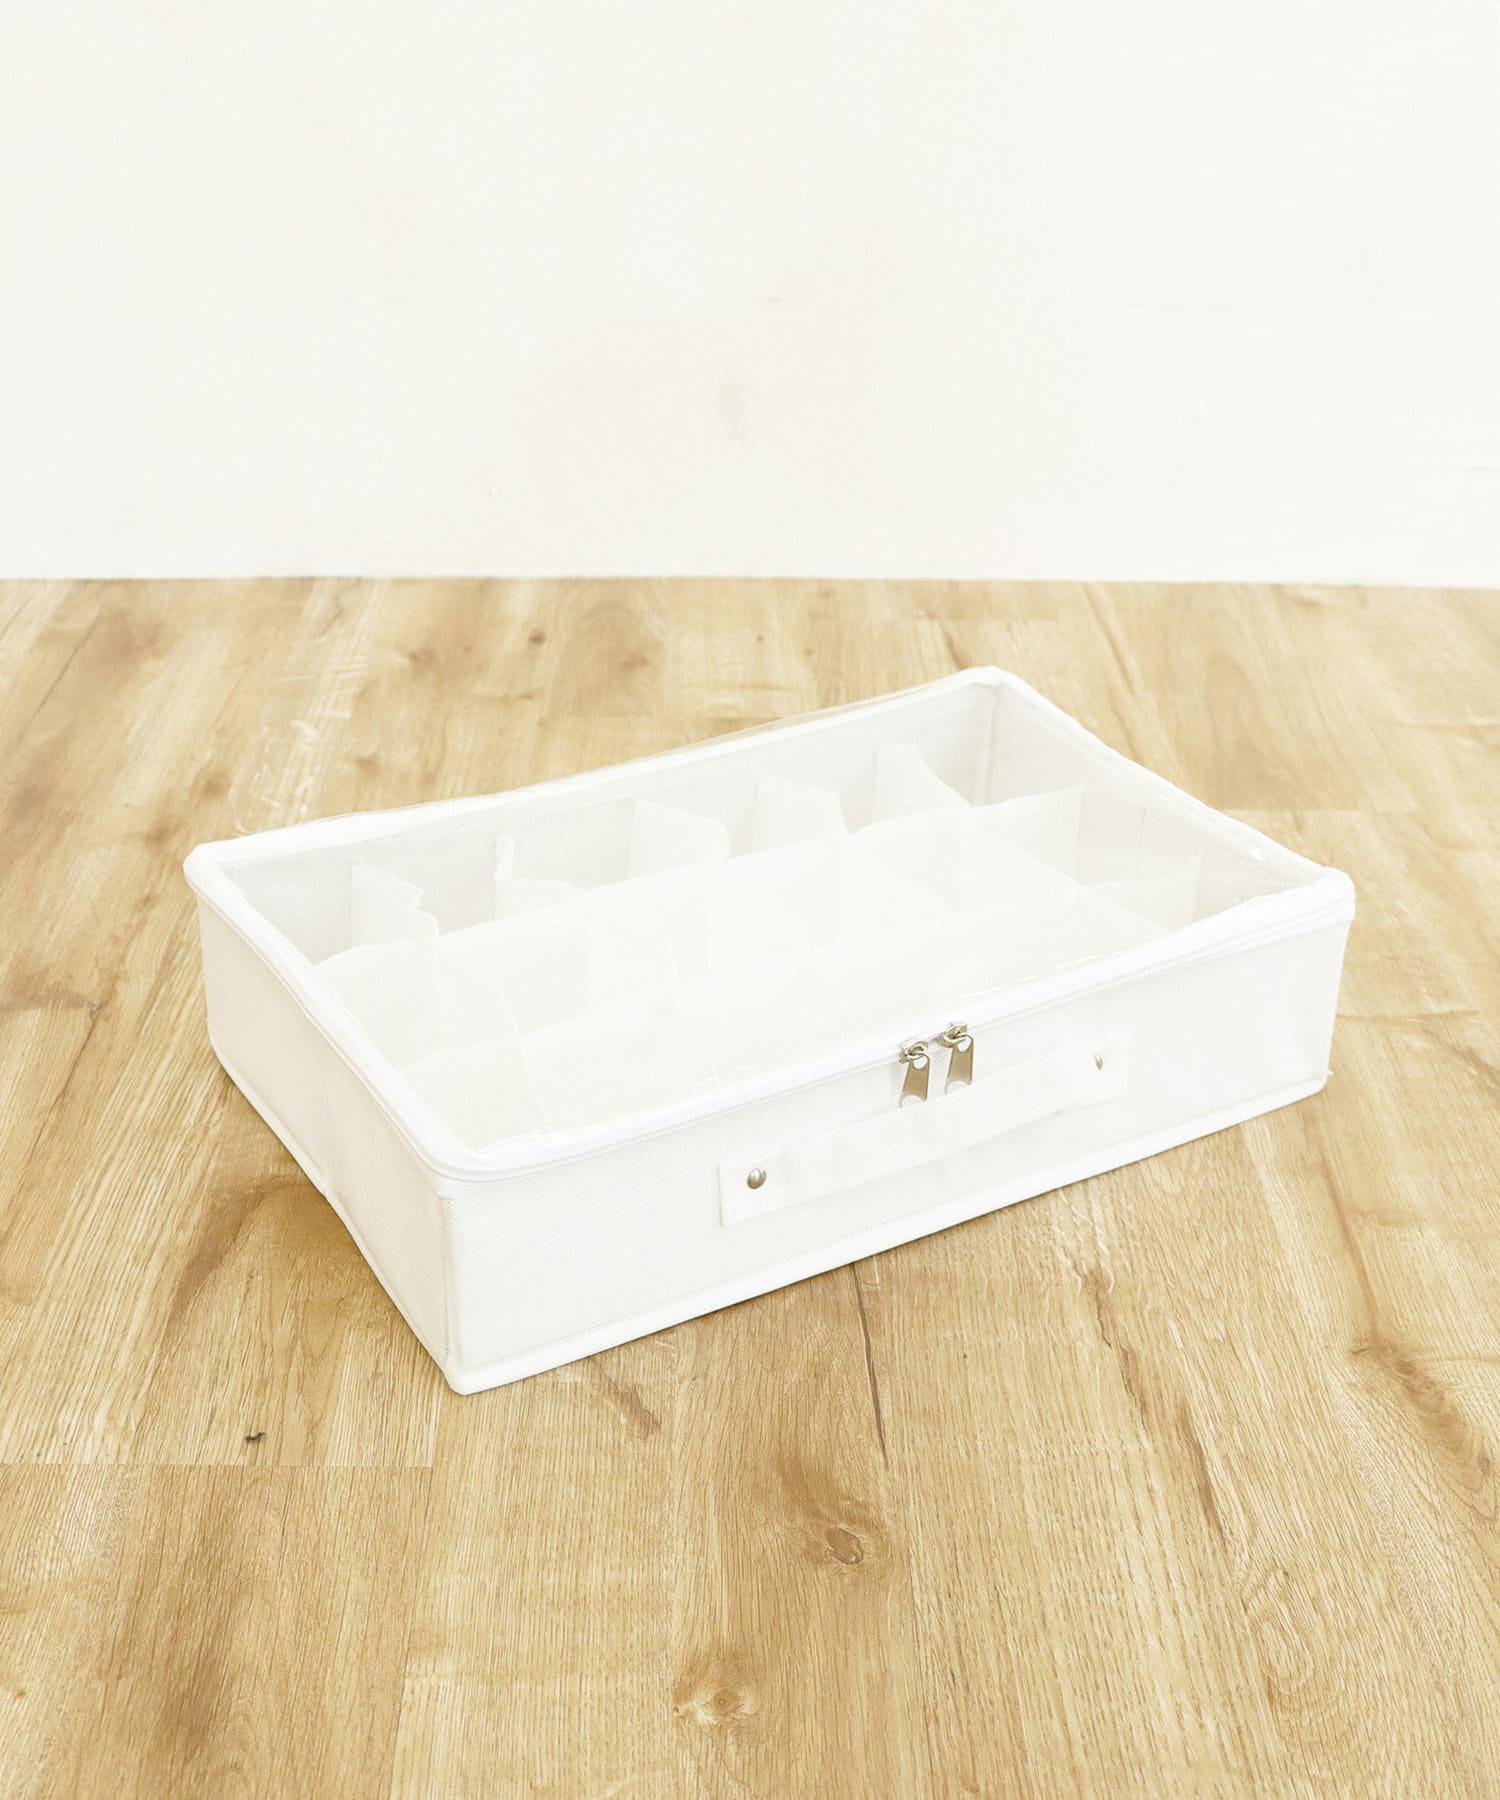 3COINS(スリーコインズ) ライフスタイル 透明フタ付18小分けボックス ホワイト